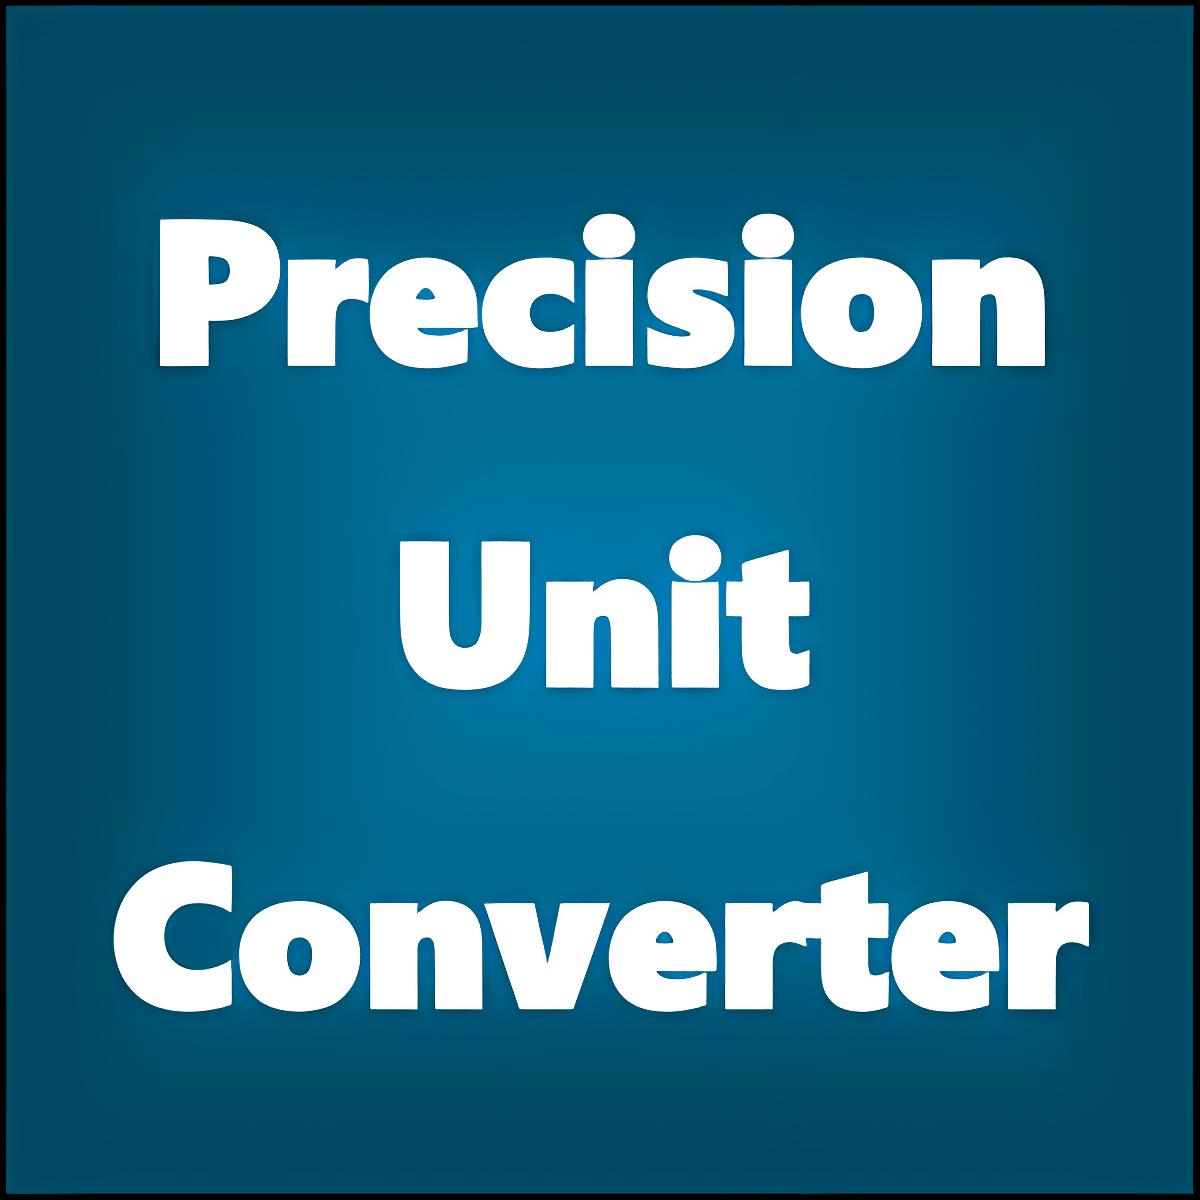 Precision Unit Converter